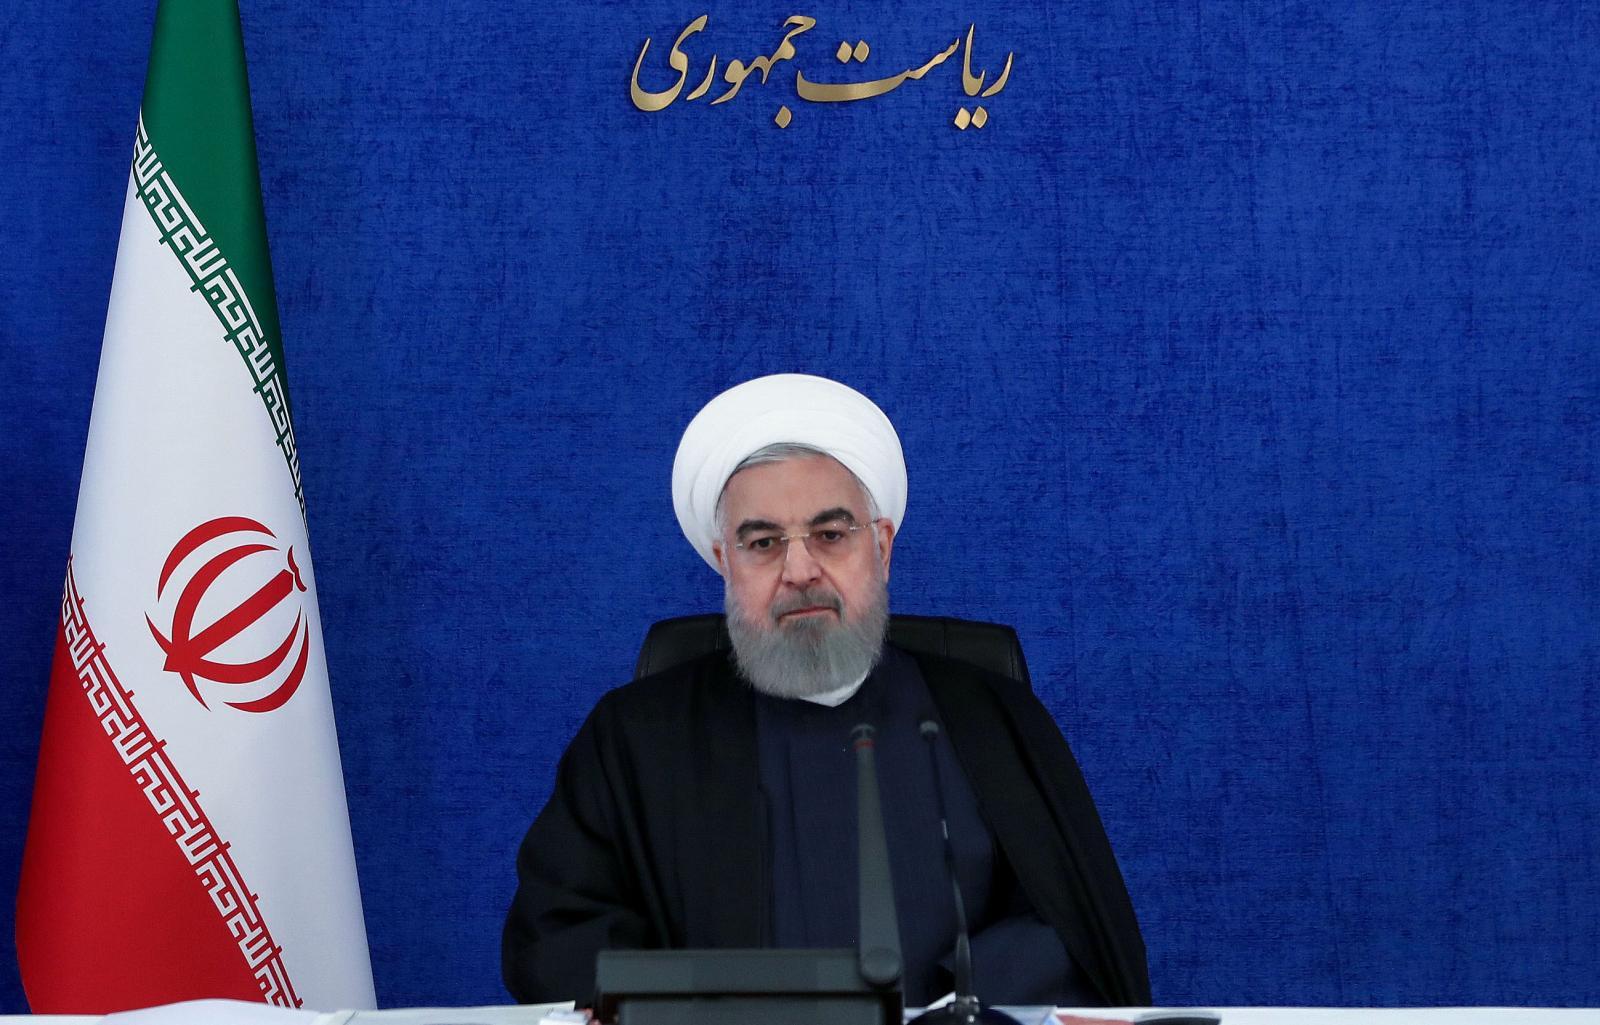 อิหร่านลั่นเอาคืน เหตุลอบสังหารนักวิทย์นิวเคลียร์